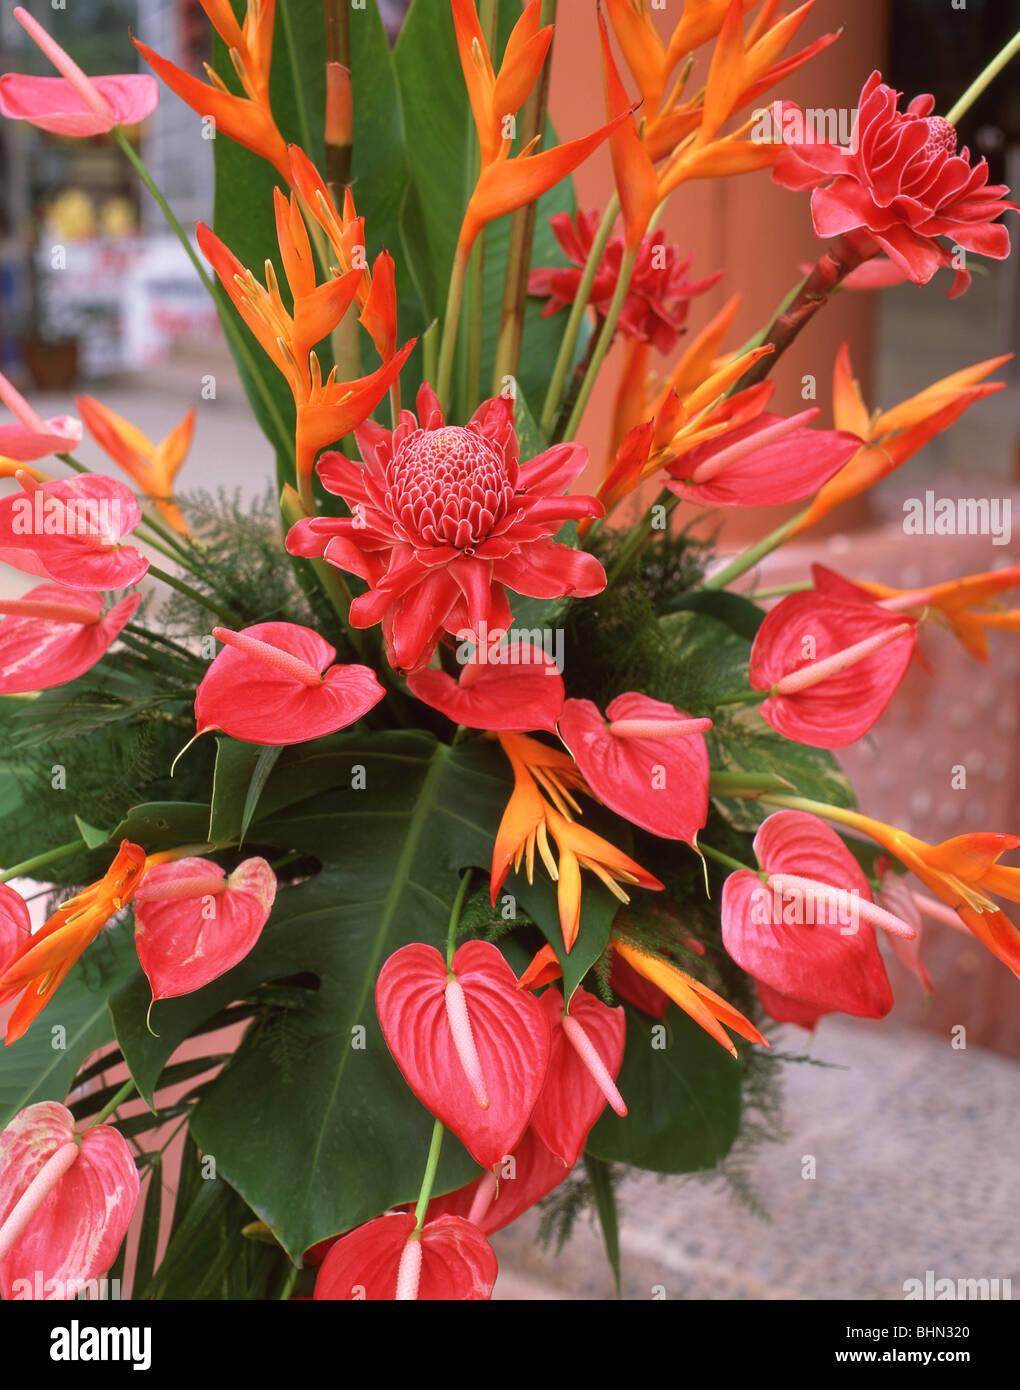 Tropical flowers bouquet phuket phuket province thailand stock tropical flowers bouquet phuket phuket province thailand izmirmasajfo Gallery